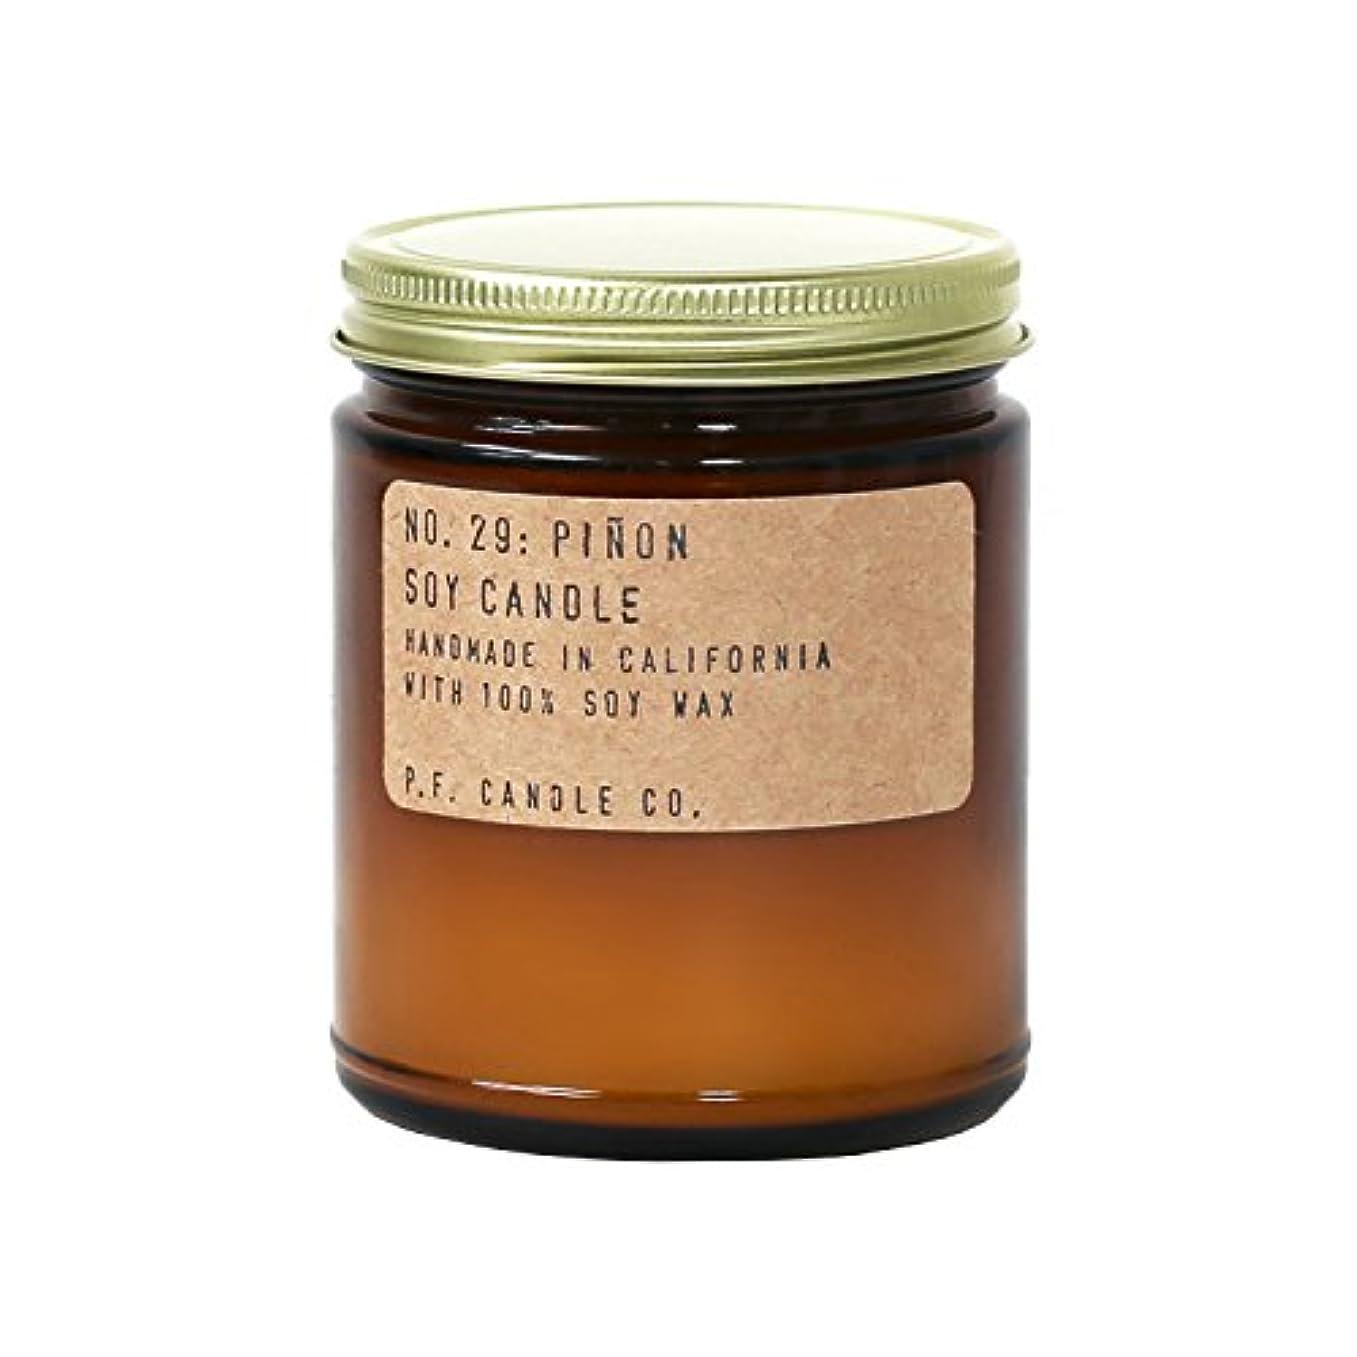 変位印象子羊p.f. Candle Co。 – No。29 : Piñon Soy Candle 7.2 oz